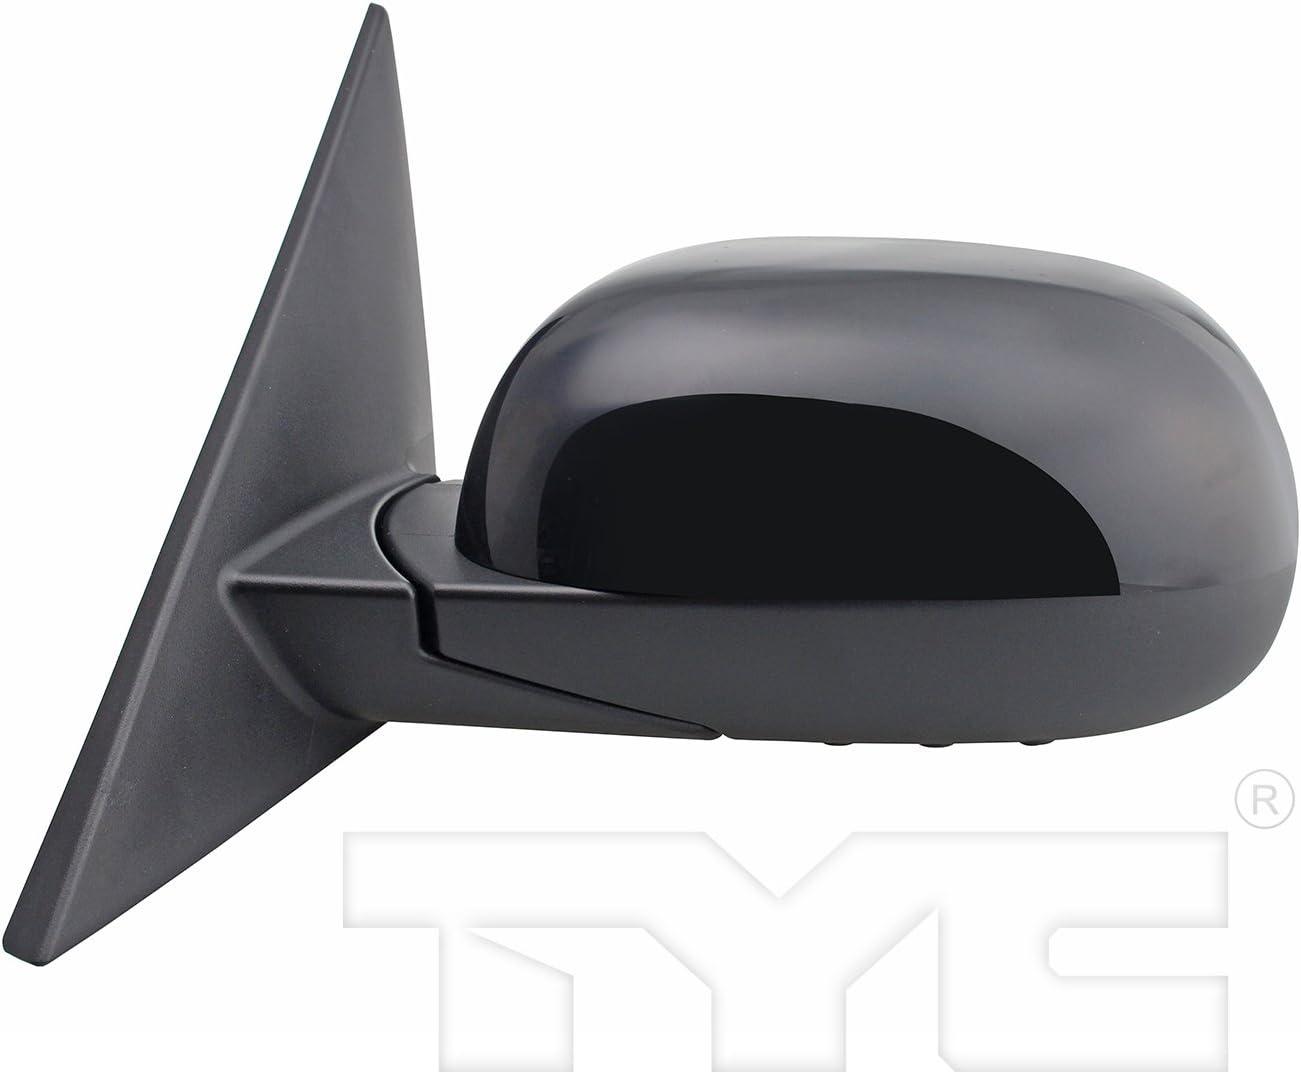 Door Mirror Left TYC 7710632 fits 14-16 Hyundai Elantra